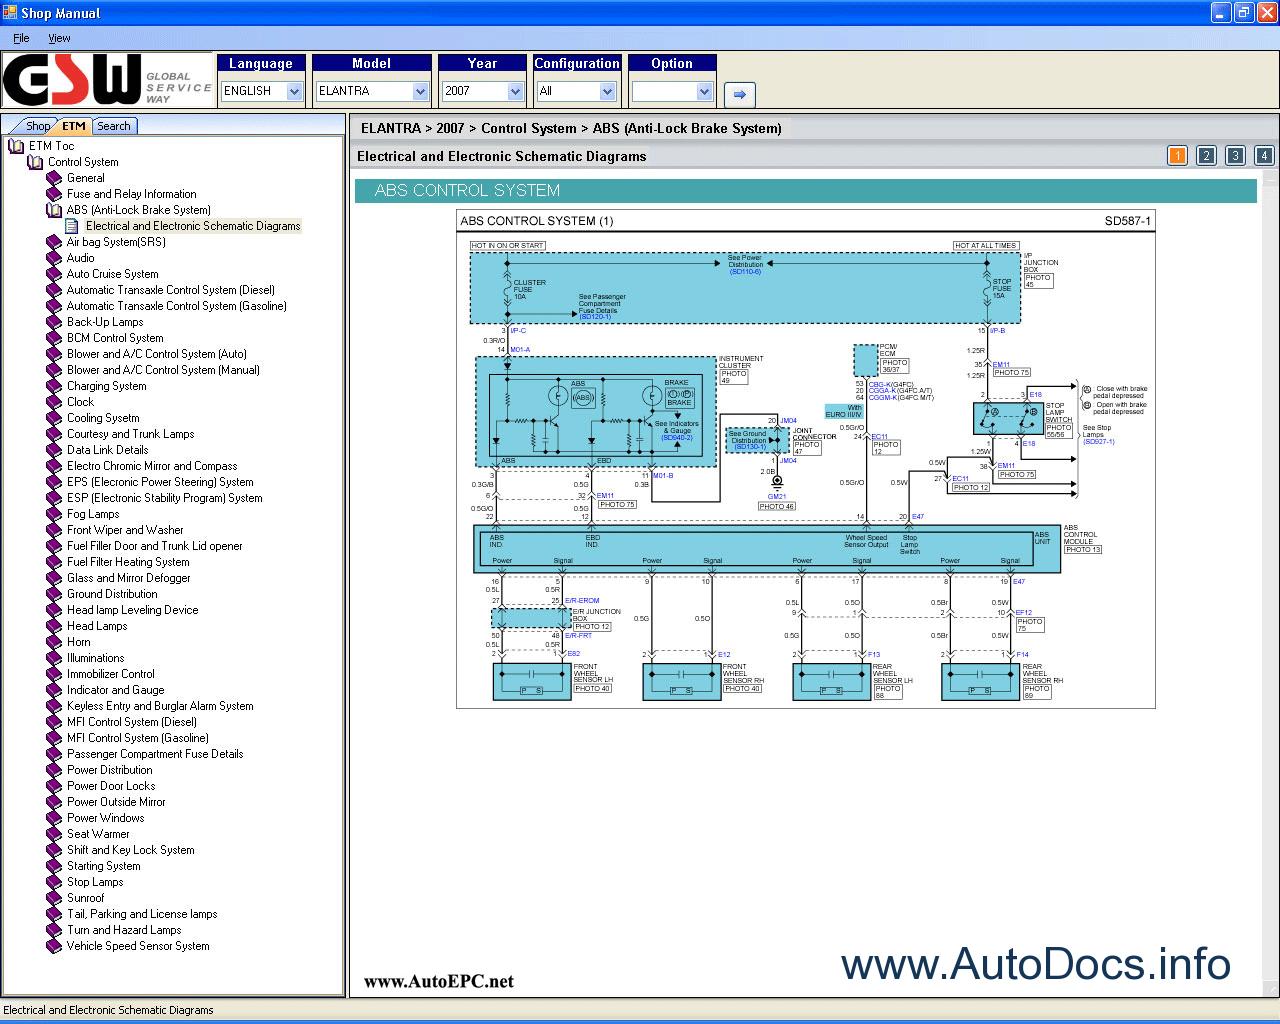 Hyundai Trajet Fuse Box Diagram Wiring 2007 Sonata Etm Electrical Troubleshooting Landlocked West 2009